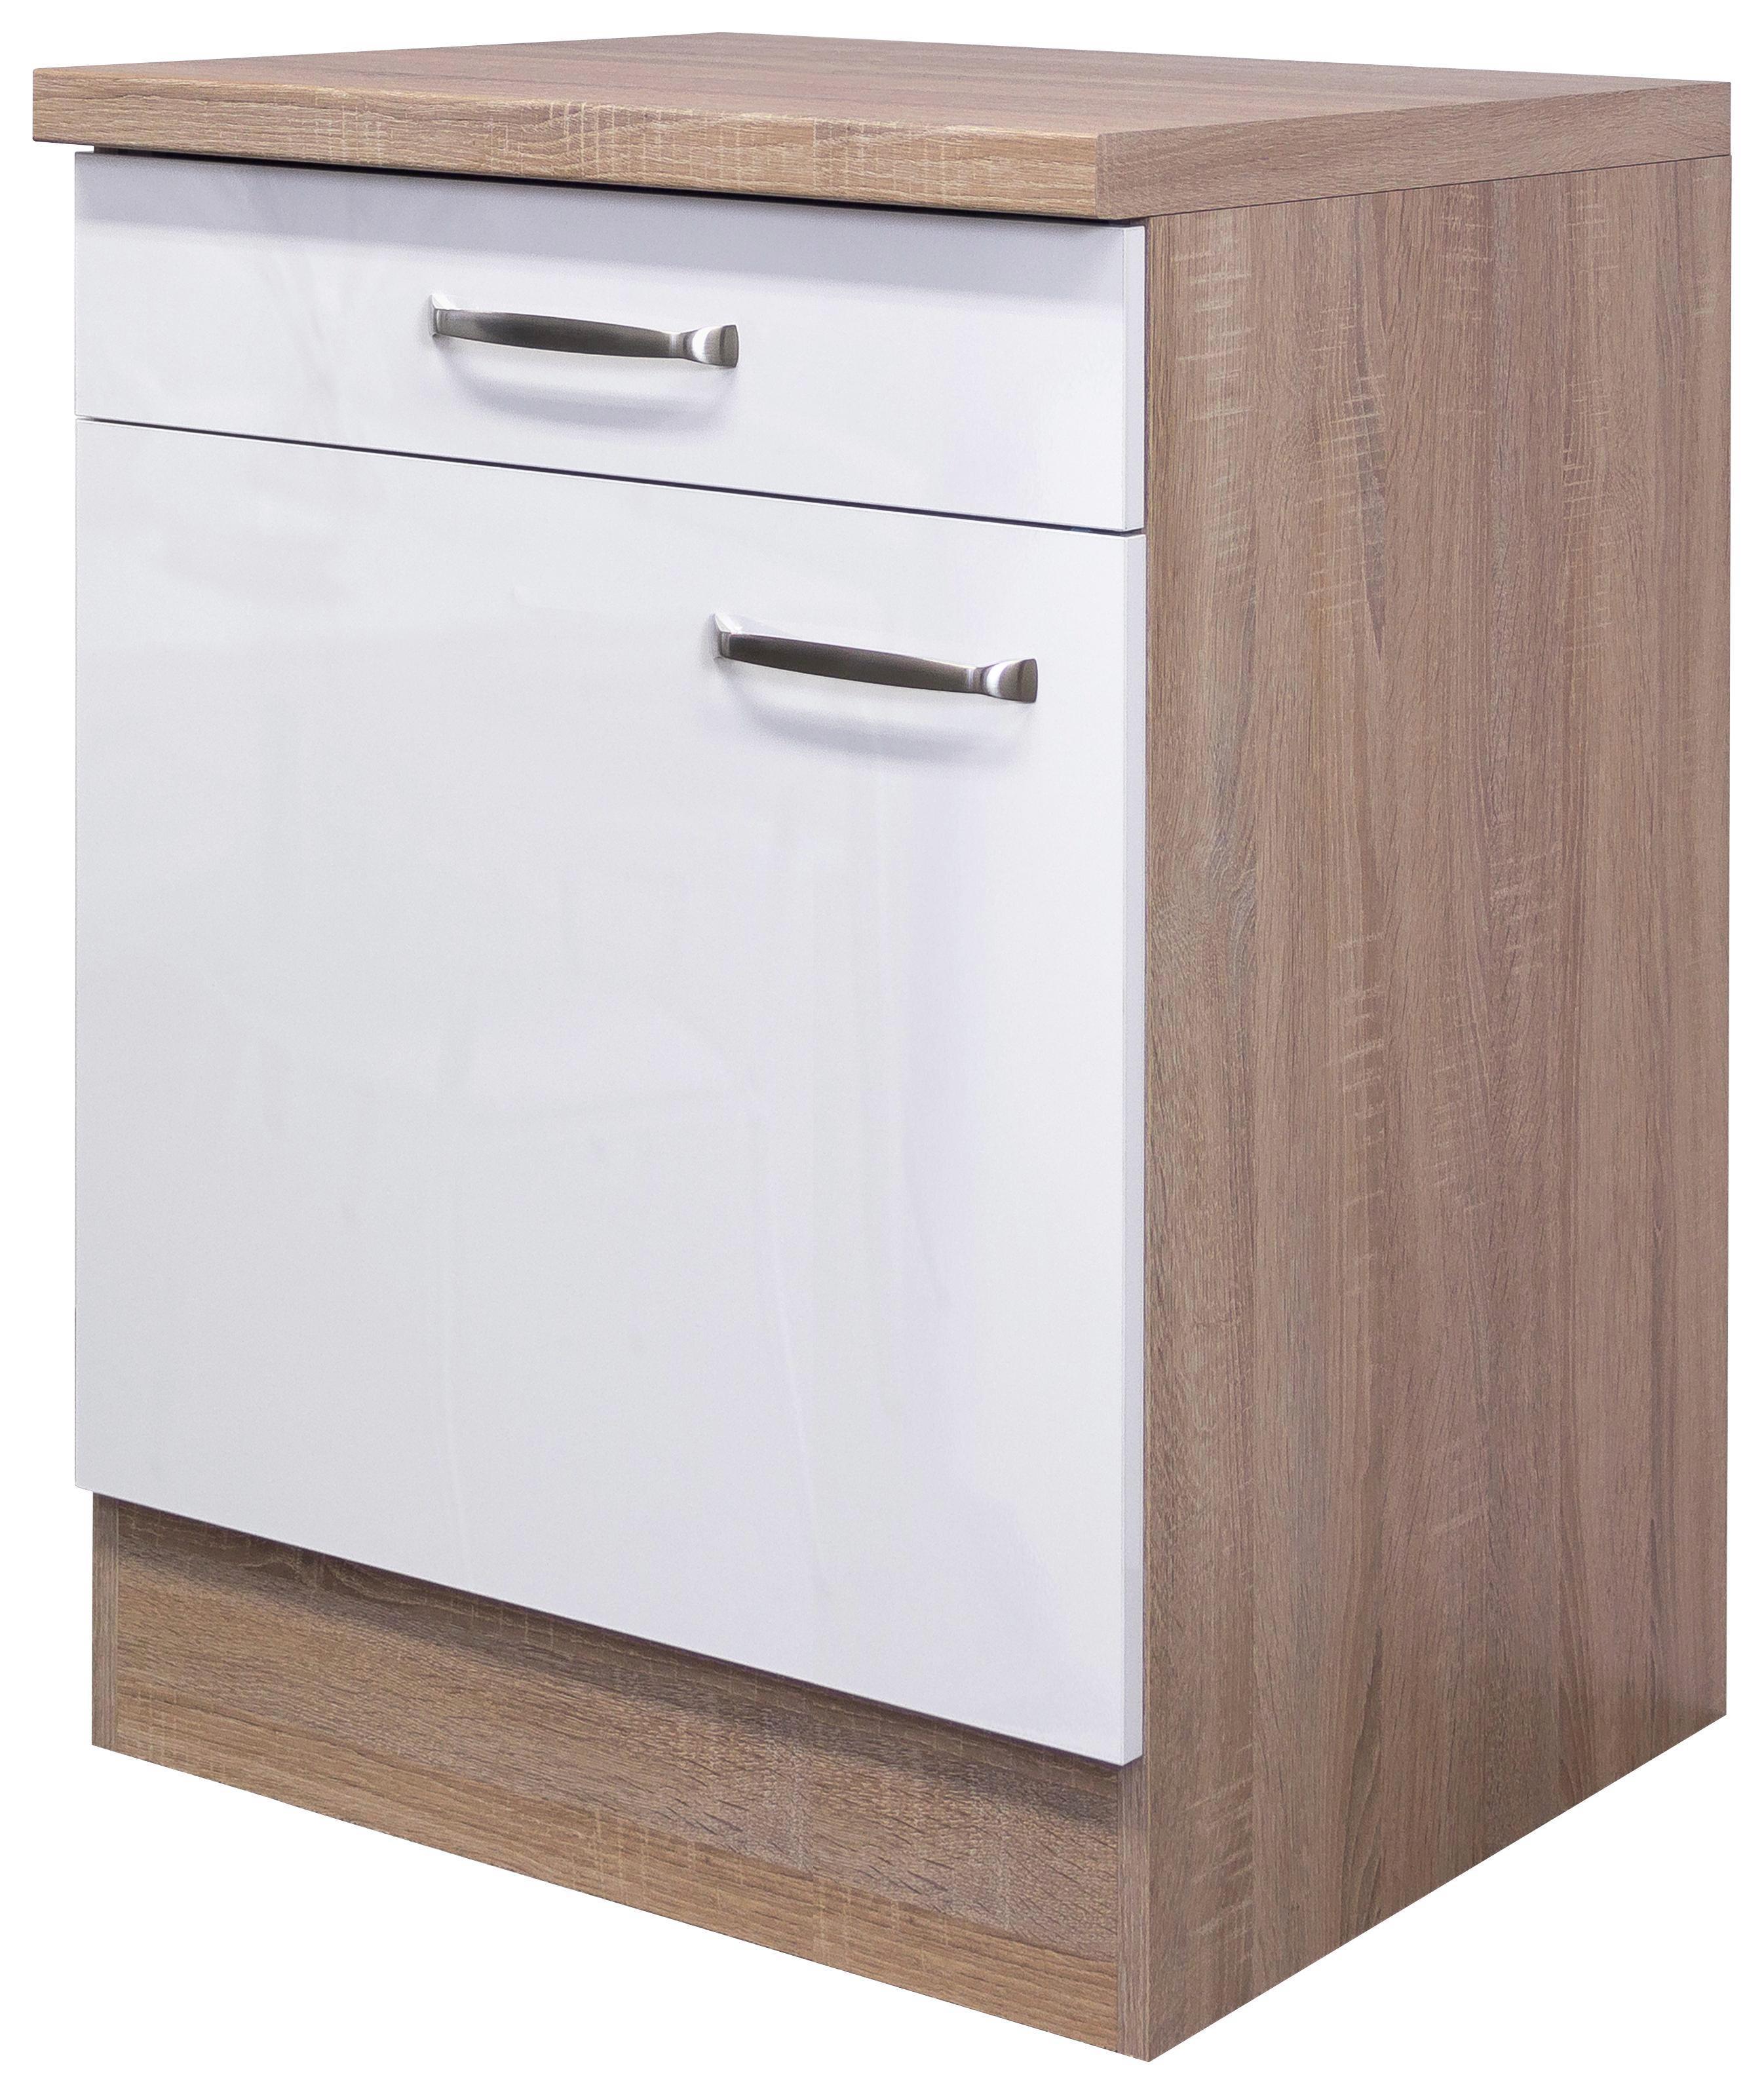 Küchenunterschrank in Weiß/Eiche - Edelstahlfarben/Eichefarben, MODERN, Holzwerkstoff/Metall (60/86/60cm)